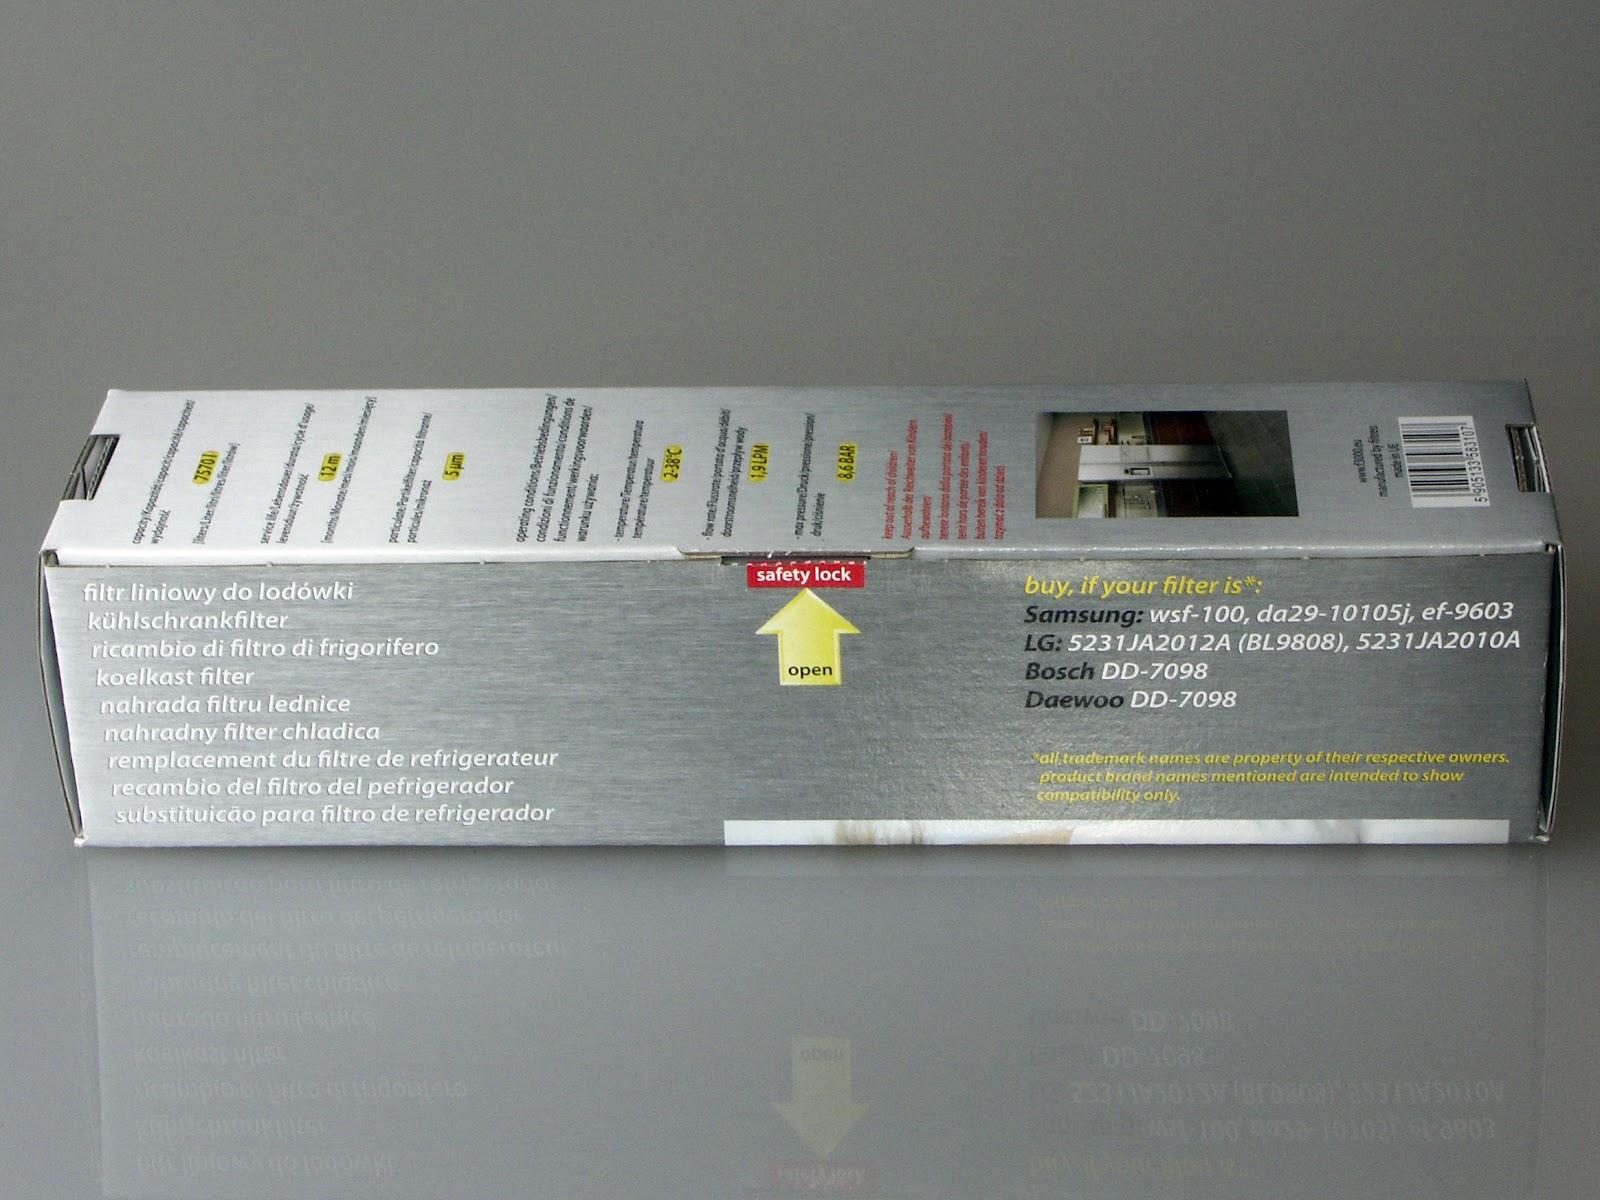 Kühlschrankfilter : Hafin2 und da29 00003g samsung american style fridge filters